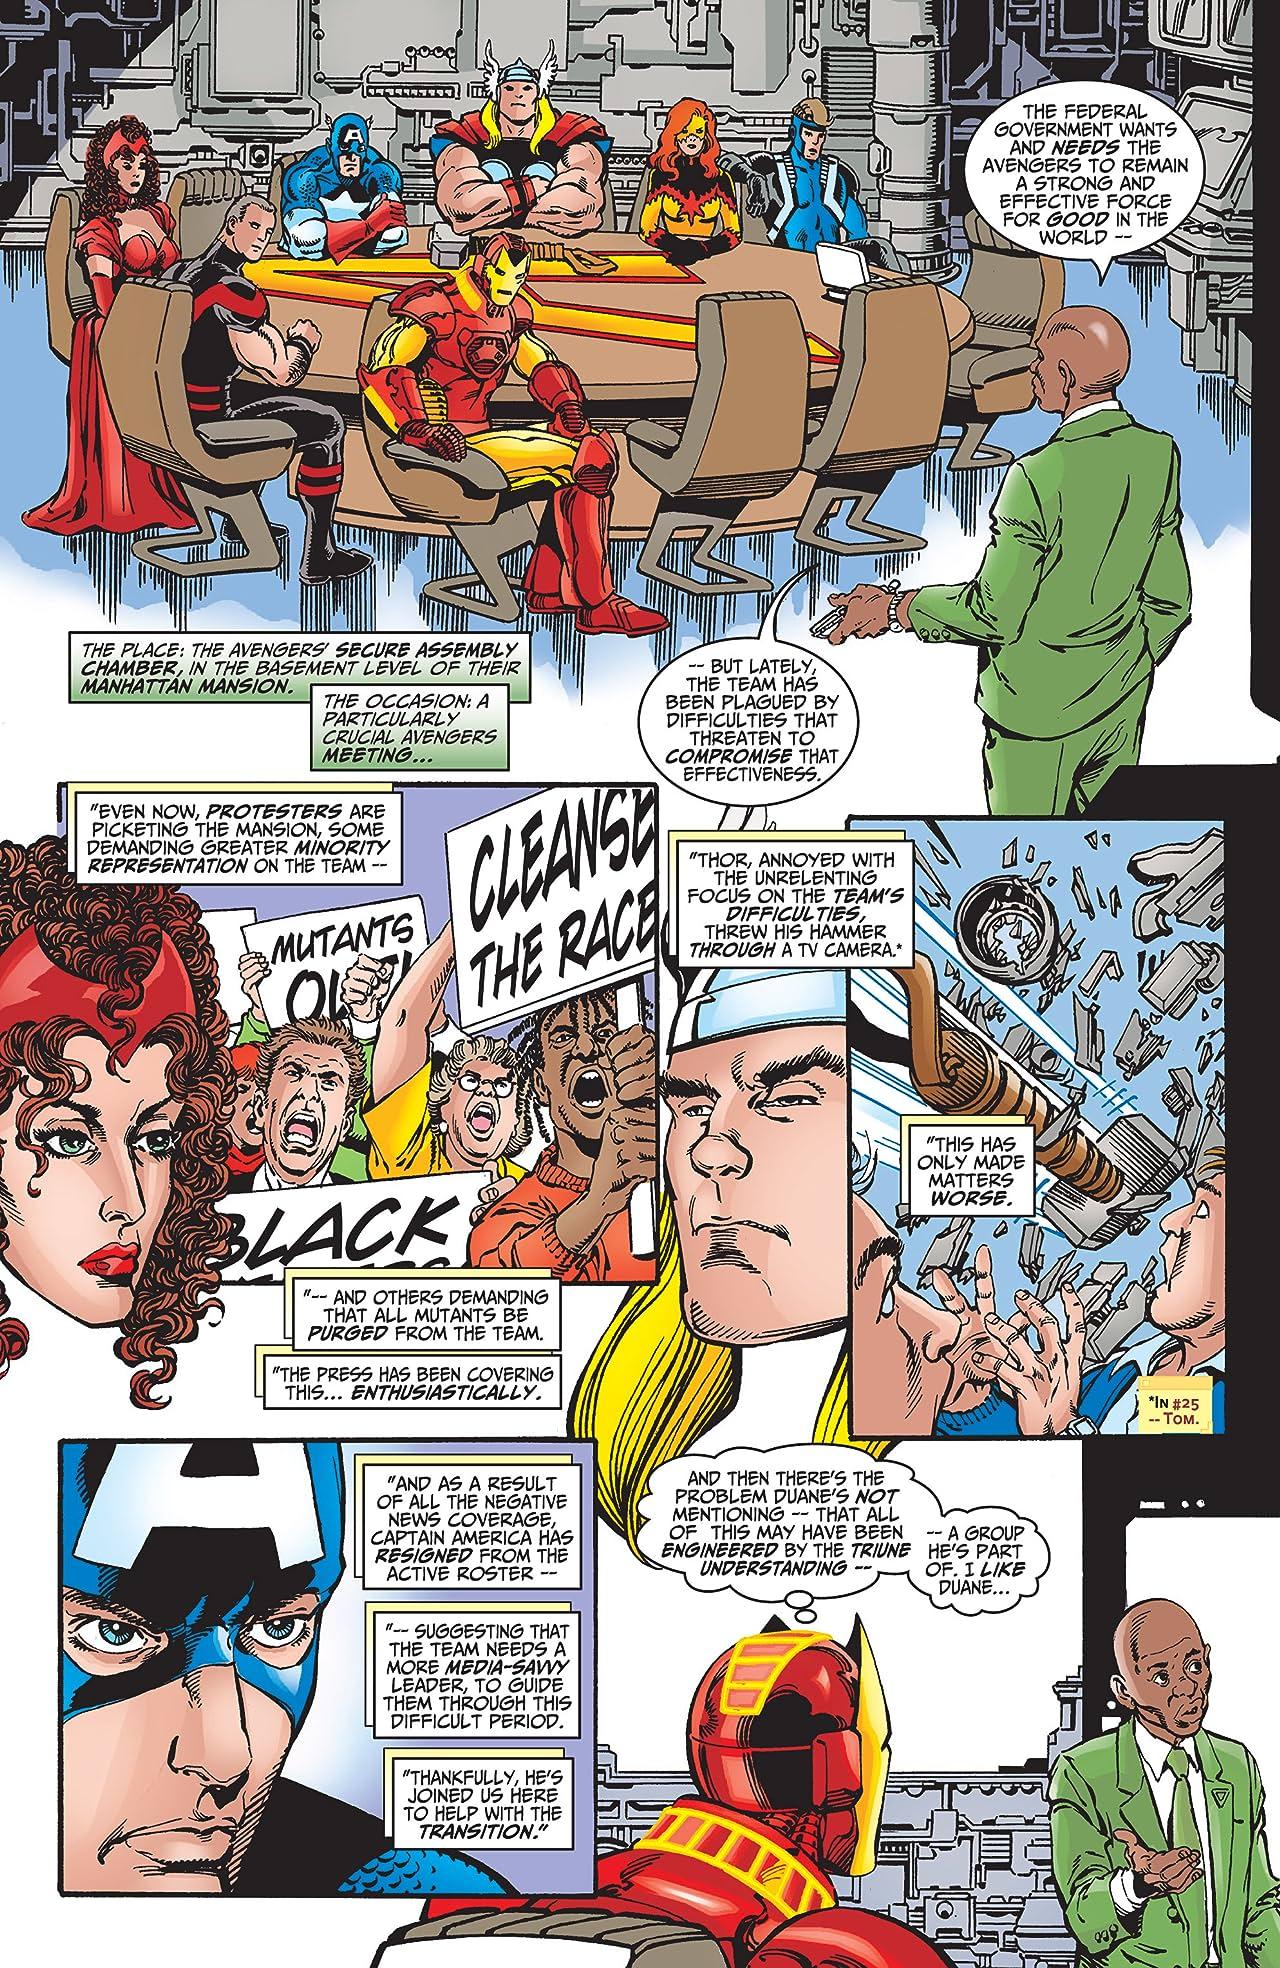 Avengers (1998-2004) #27